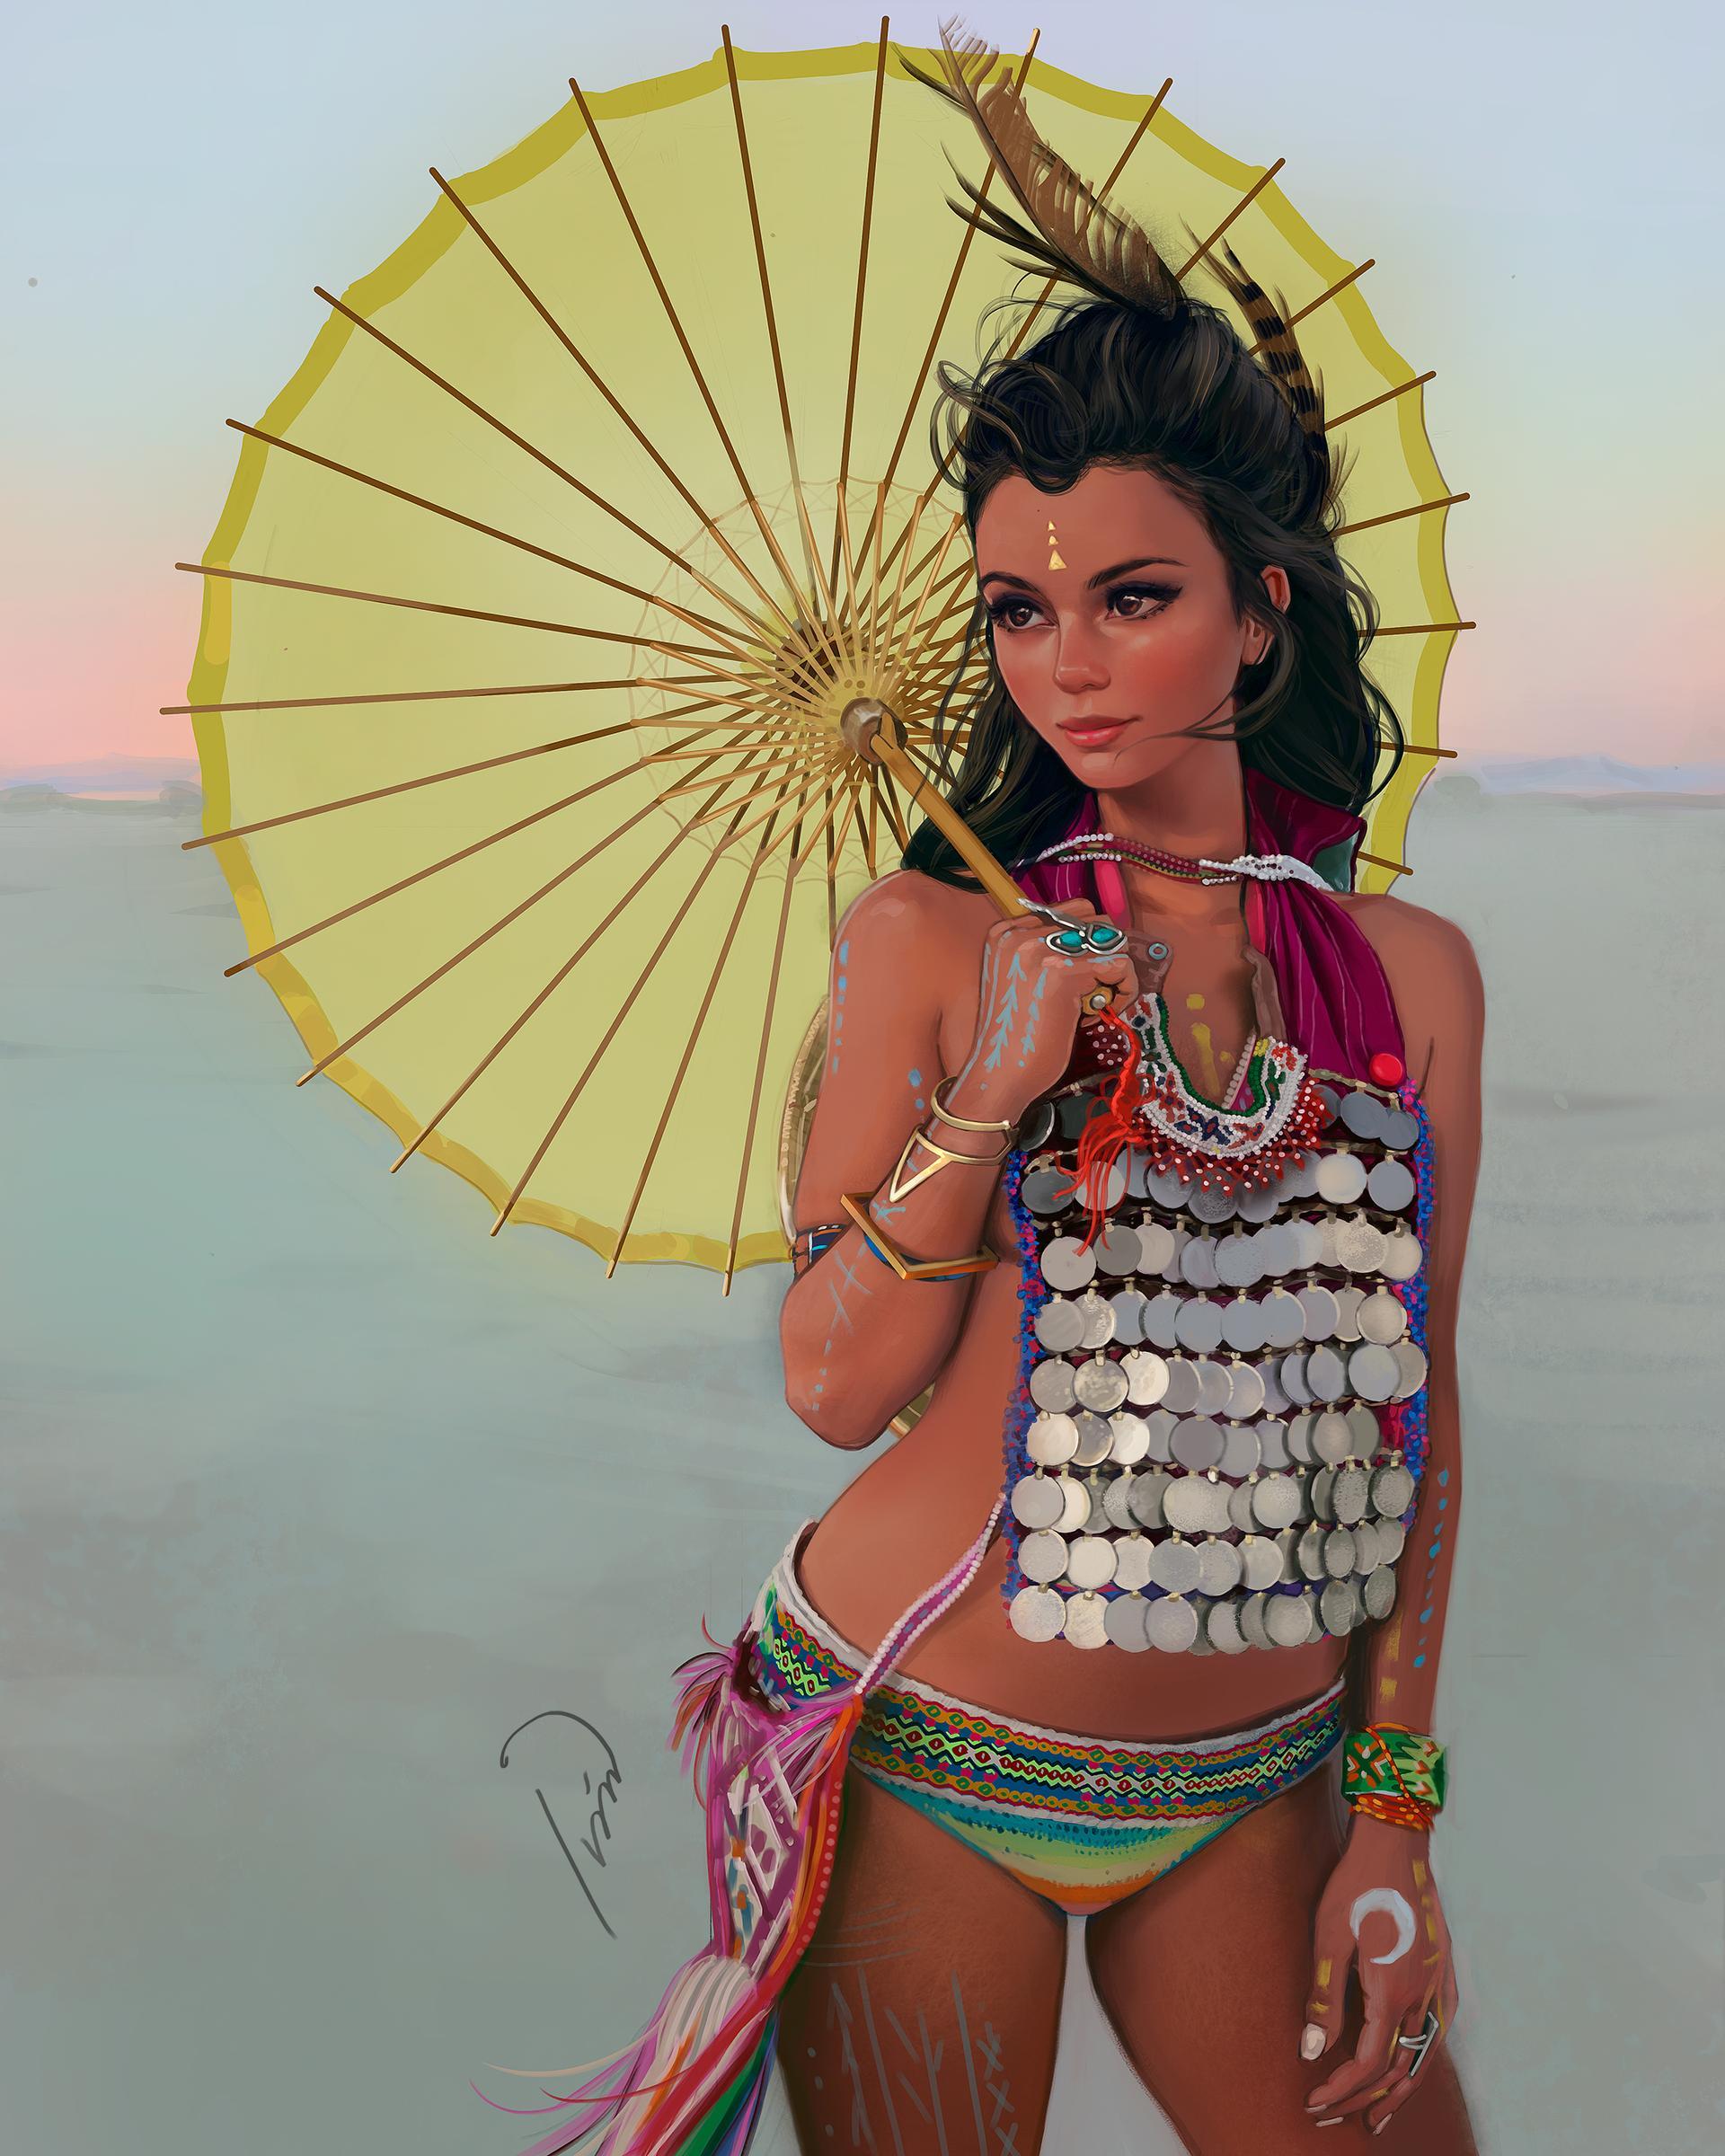 Фото Темноволосая девушка с желтым зонтиком, by ivantalavera